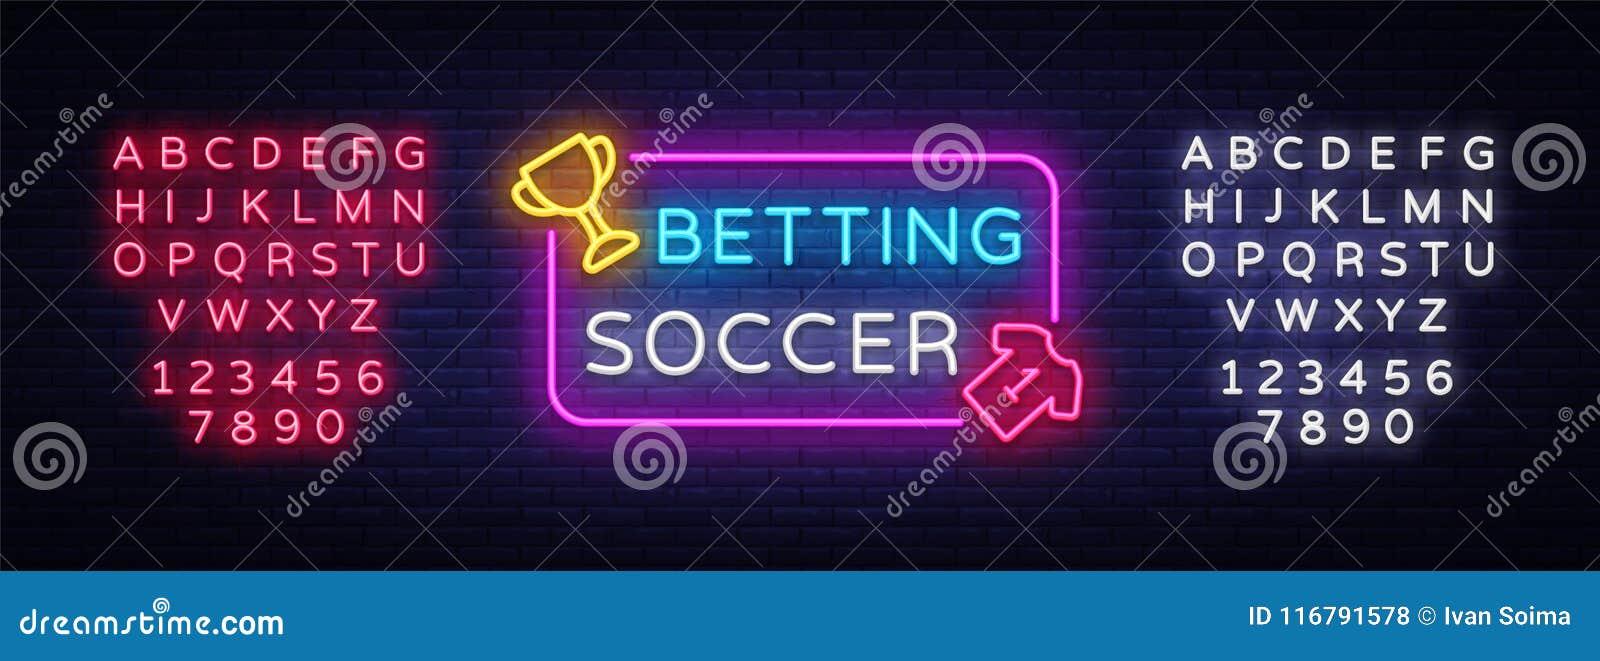 06e670582b6 Pari du vecteur de néon du football Pari de l enseigne au néon du football  Enseigne lumineuse de nuit sur jouer